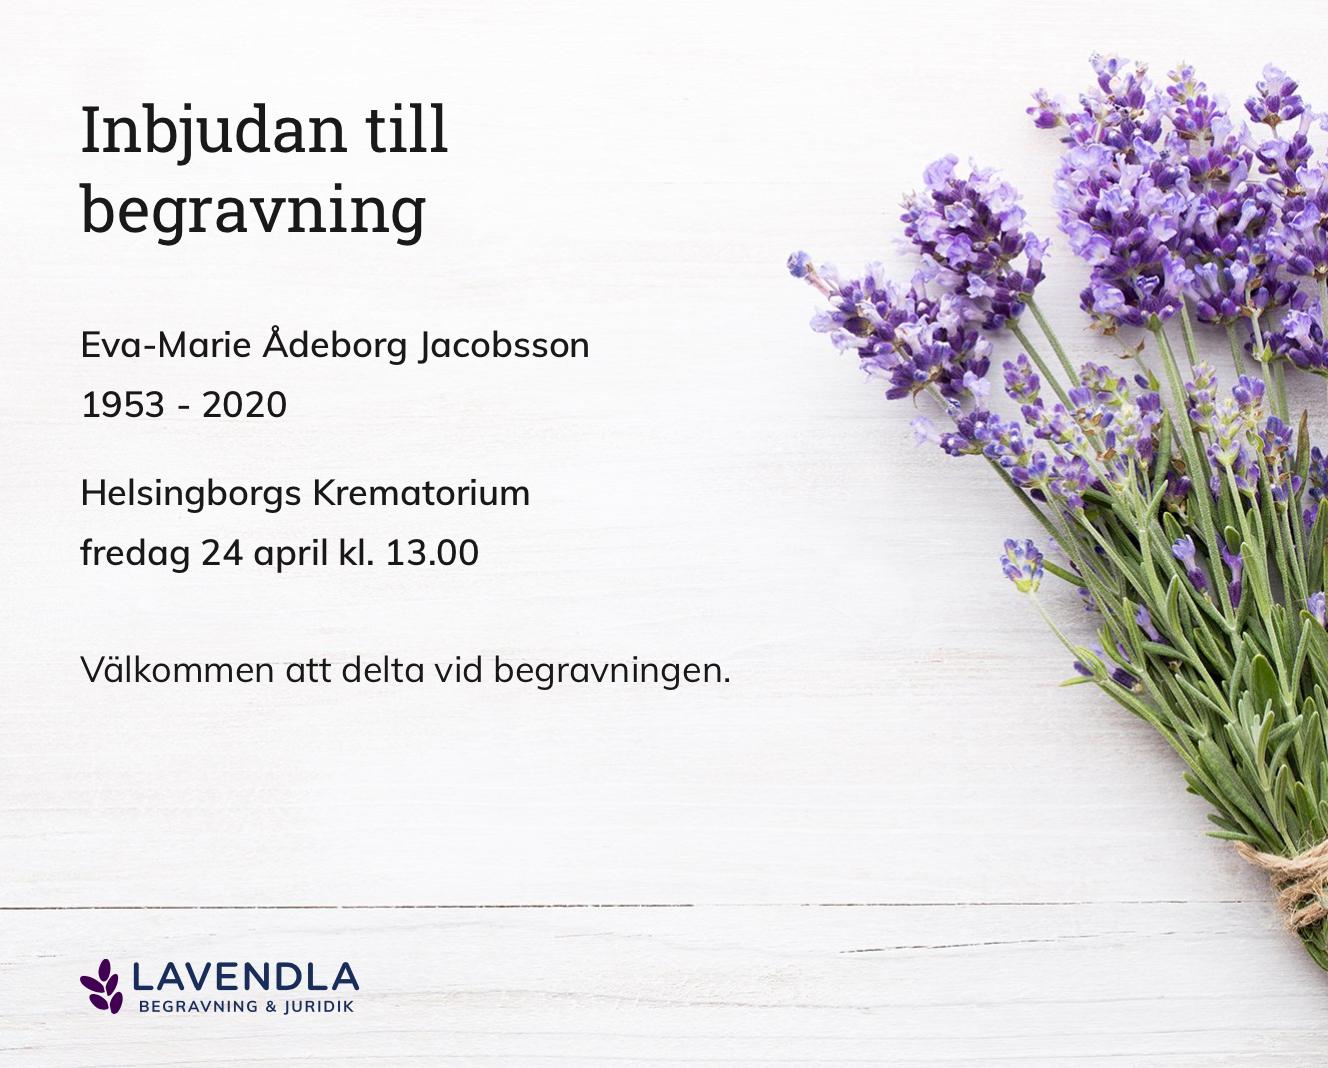 Inbjudningskort till ceremonin för Eva-Marie Ådeborg Jacobsson